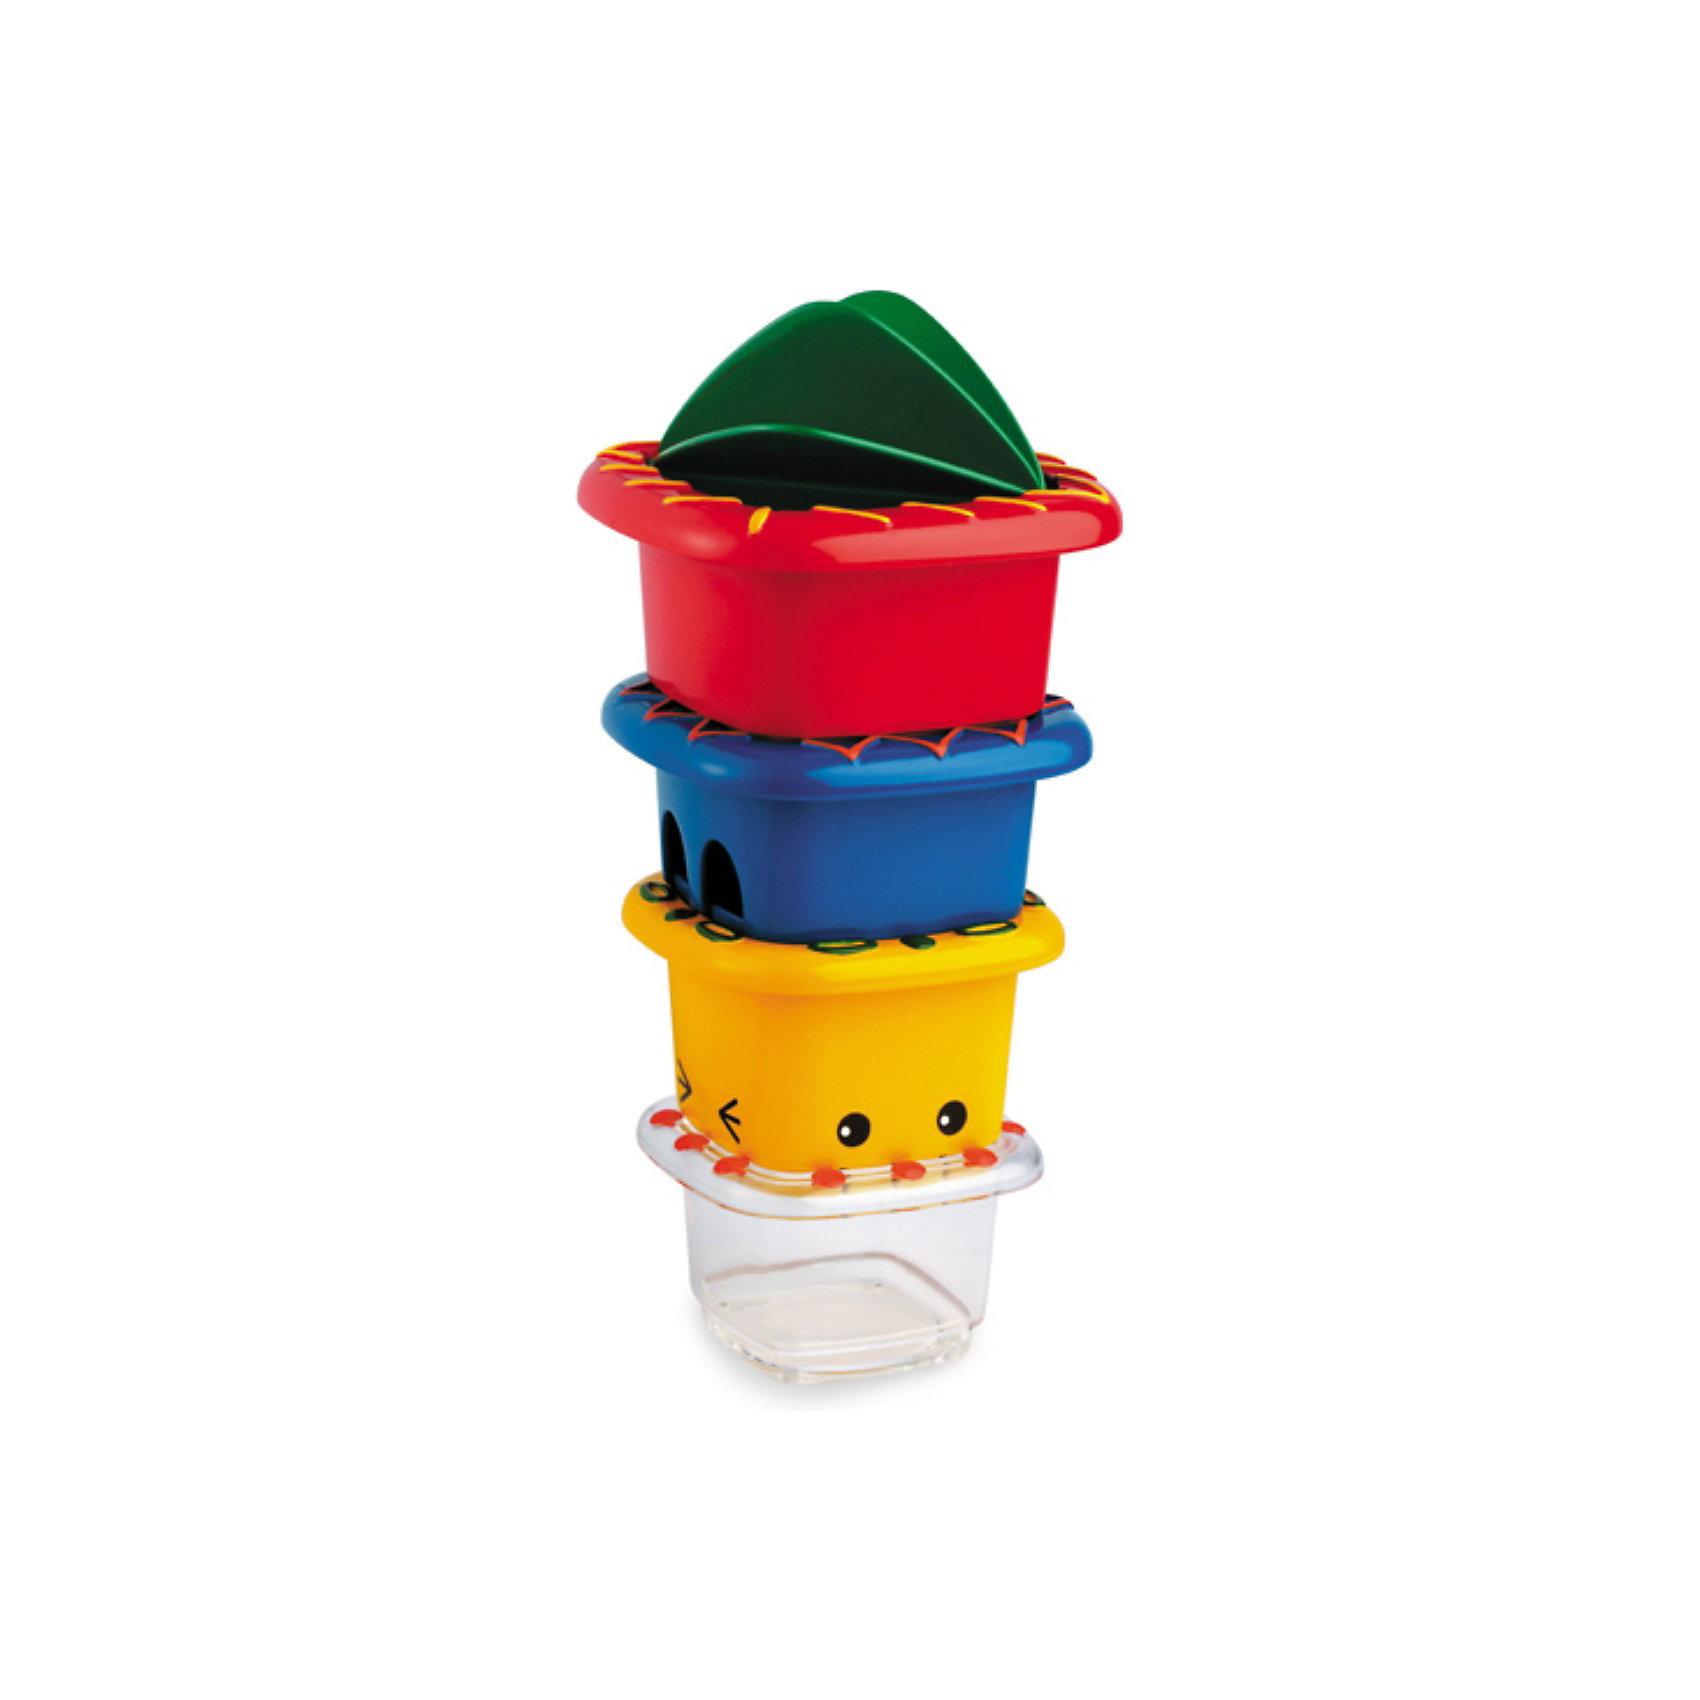 Набор ведерок, TOLO CLASSICНабор ведерок, TOLO CLASSIC (ТОЛО КЛАССИК) – это набор специально для игры в ванной или бассейне.<br>В набор входит четыре ведерка разных по размеру и оформлению. Одно из них полностью прозрачное. Другое желтое, оно украшено фигурными отверстиями, через которые красиво струится вода. В третье встроено водяное колесо, вращающееся при попадании воды. А на четвертом изображены глазки. При соединении всех четырех ведерок образуется занятная рожица. Соединяясь, детали образуют башню. Причем в каждом строительном элементе есть отверстия, позволяющие воде литься сверху вниз. Играя с набором малыш не только хорошо повеселиться, но и сможет улучшить мелкую моторику своих ручек, сообразительность, память, координацию движений. <br>Игрушки Толо производятся из пластика самого высокого качества и гипоаллергенных красителей. Они абсолютно безопасны для малышей, не бьются, не ломаются, крепкие и прочные.<br><br>Дополнительная информация:<br><br>- Размер самого большого ведерка: 10  х 7 см.<br>- Размер самого маленького ведерка: 8 х 6 см.<br>- Материал: высококачественный пластик<br><br>Набор ведерок, TOLO CLASSIC (ТОЛО КЛАССИК) - обязательно понравится Вашему малышу.<br><br>Набор ведерок, TOLO CLASSIC (ТОЛО КЛАССИК) можно купить в нашем интернет-магазине.<br><br>Ширина мм: 90<br>Глубина мм: 110<br>Высота мм: 190<br>Вес г: 458<br>Возраст от месяцев: 12<br>Возраст до месяцев: 60<br>Пол: Унисекс<br>Возраст: Детский<br>SKU: 3689030